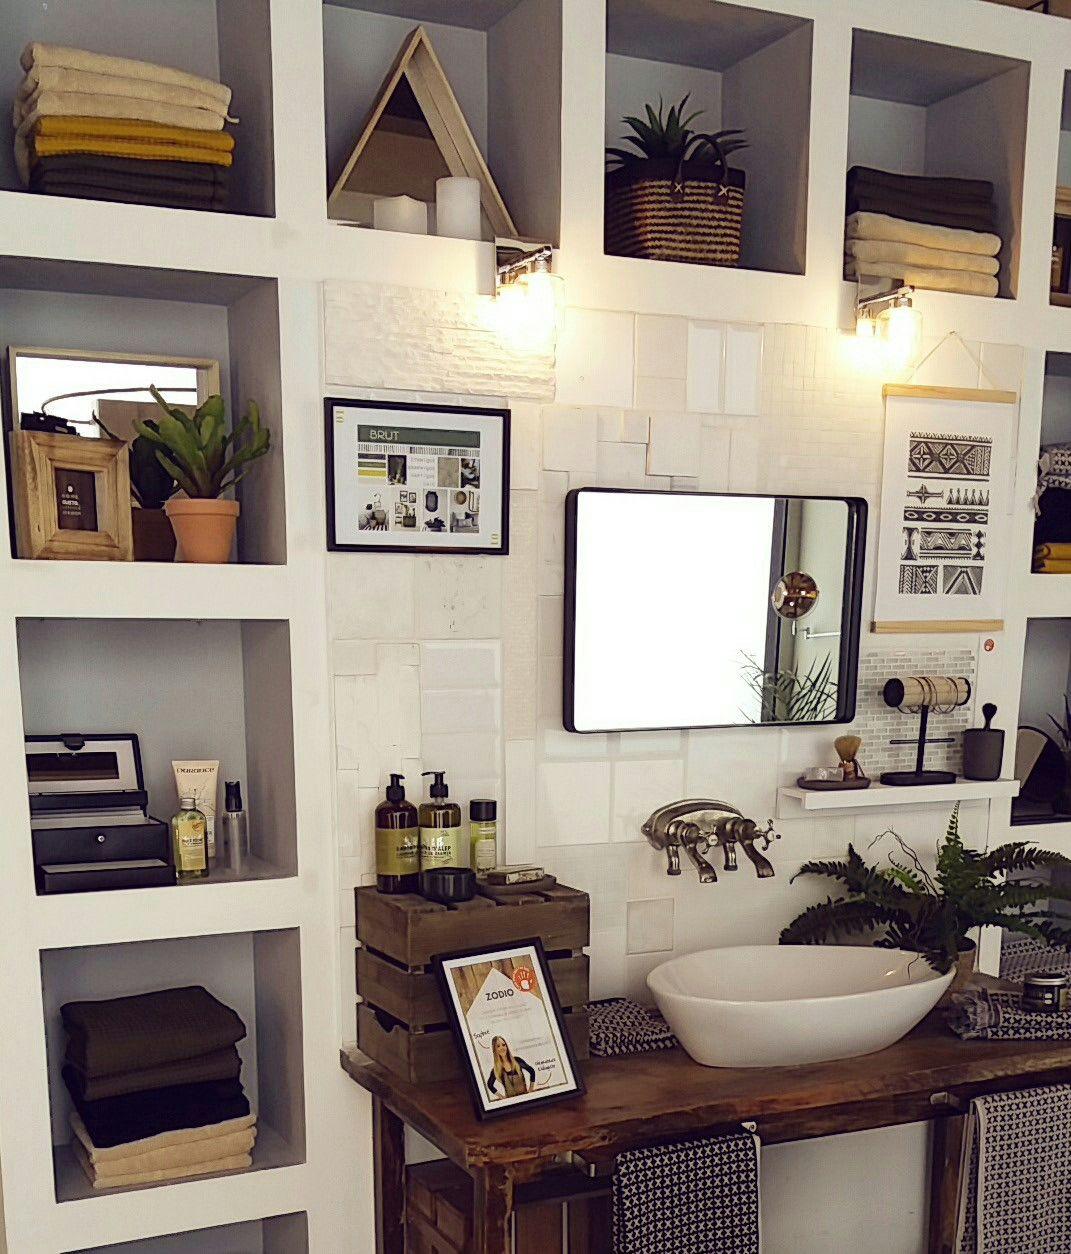 Salle de bain brut zodio bordeaux projets essayer pinterest salle de bain zodio et salle - Salle de bain bordeaux ...